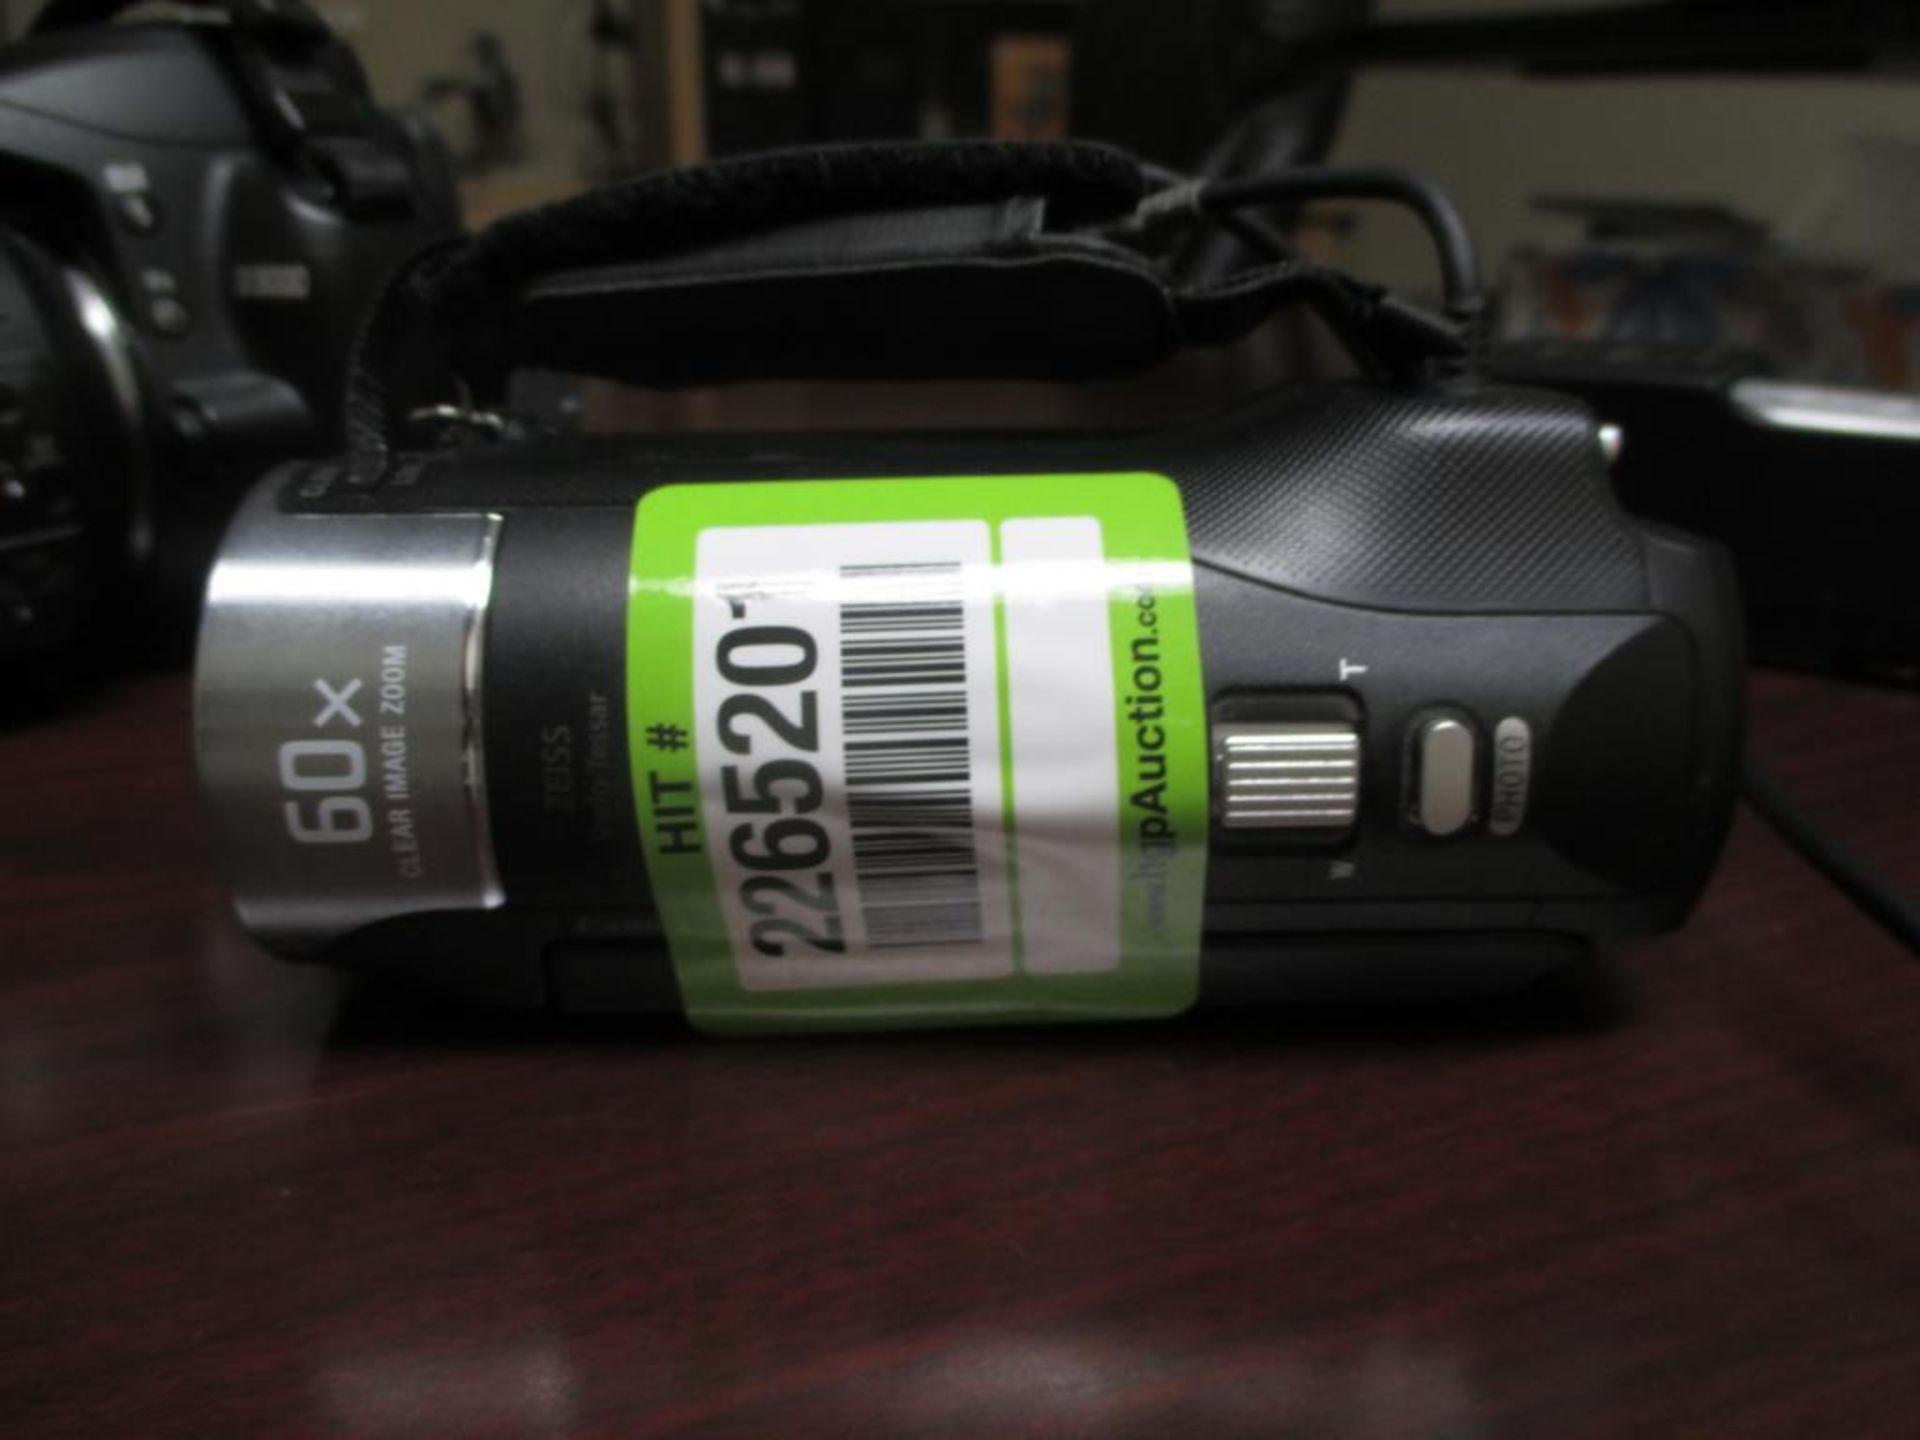 Lot 100 - Digital Video Camera